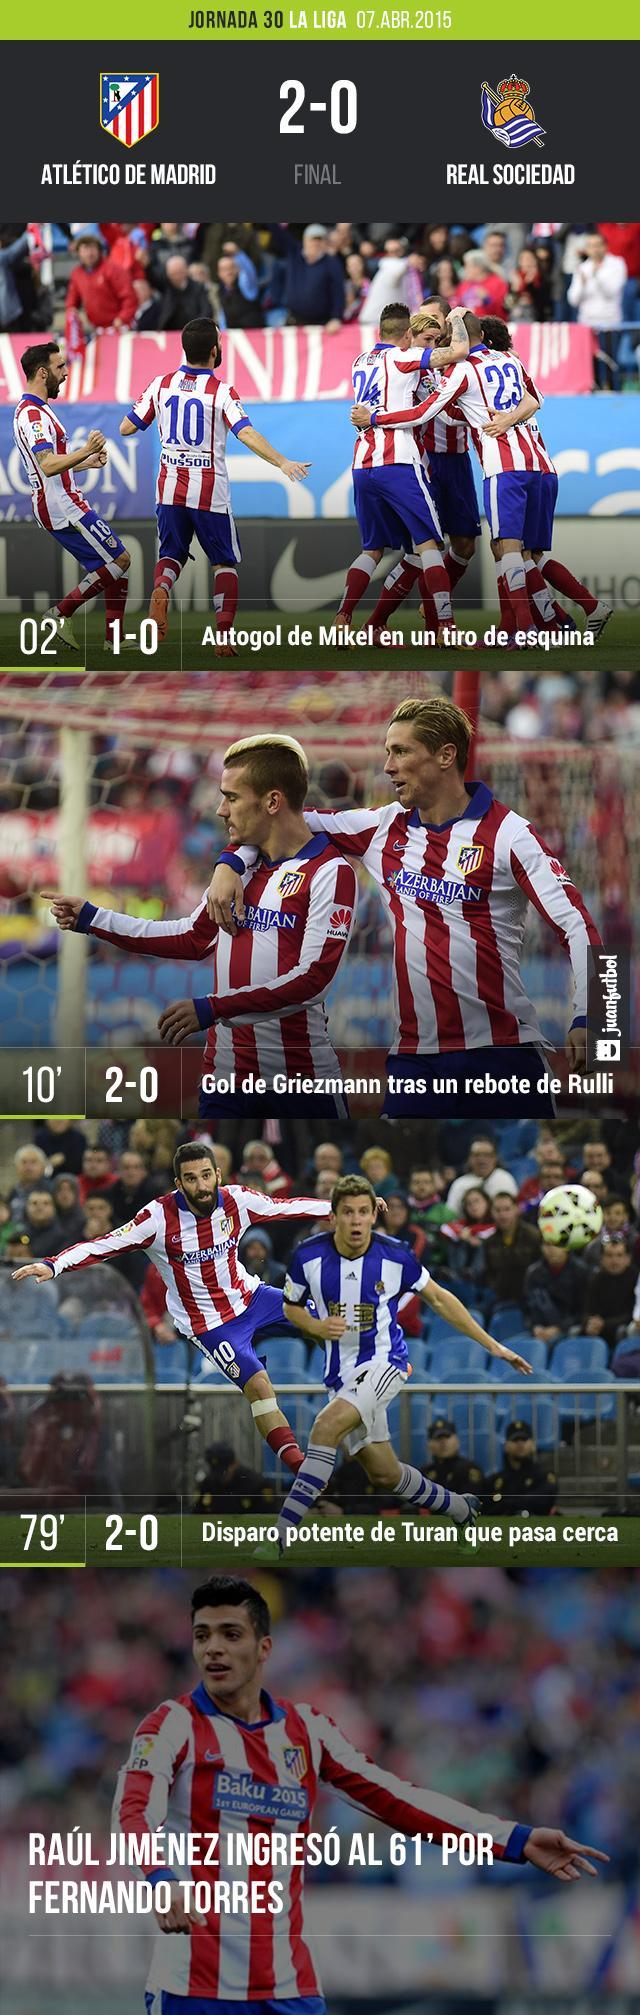 Atlético de Madrid vence 2-0 a la Real Sociedad en La Liga. Raúl Jiménez ingresó en el minuto 61.